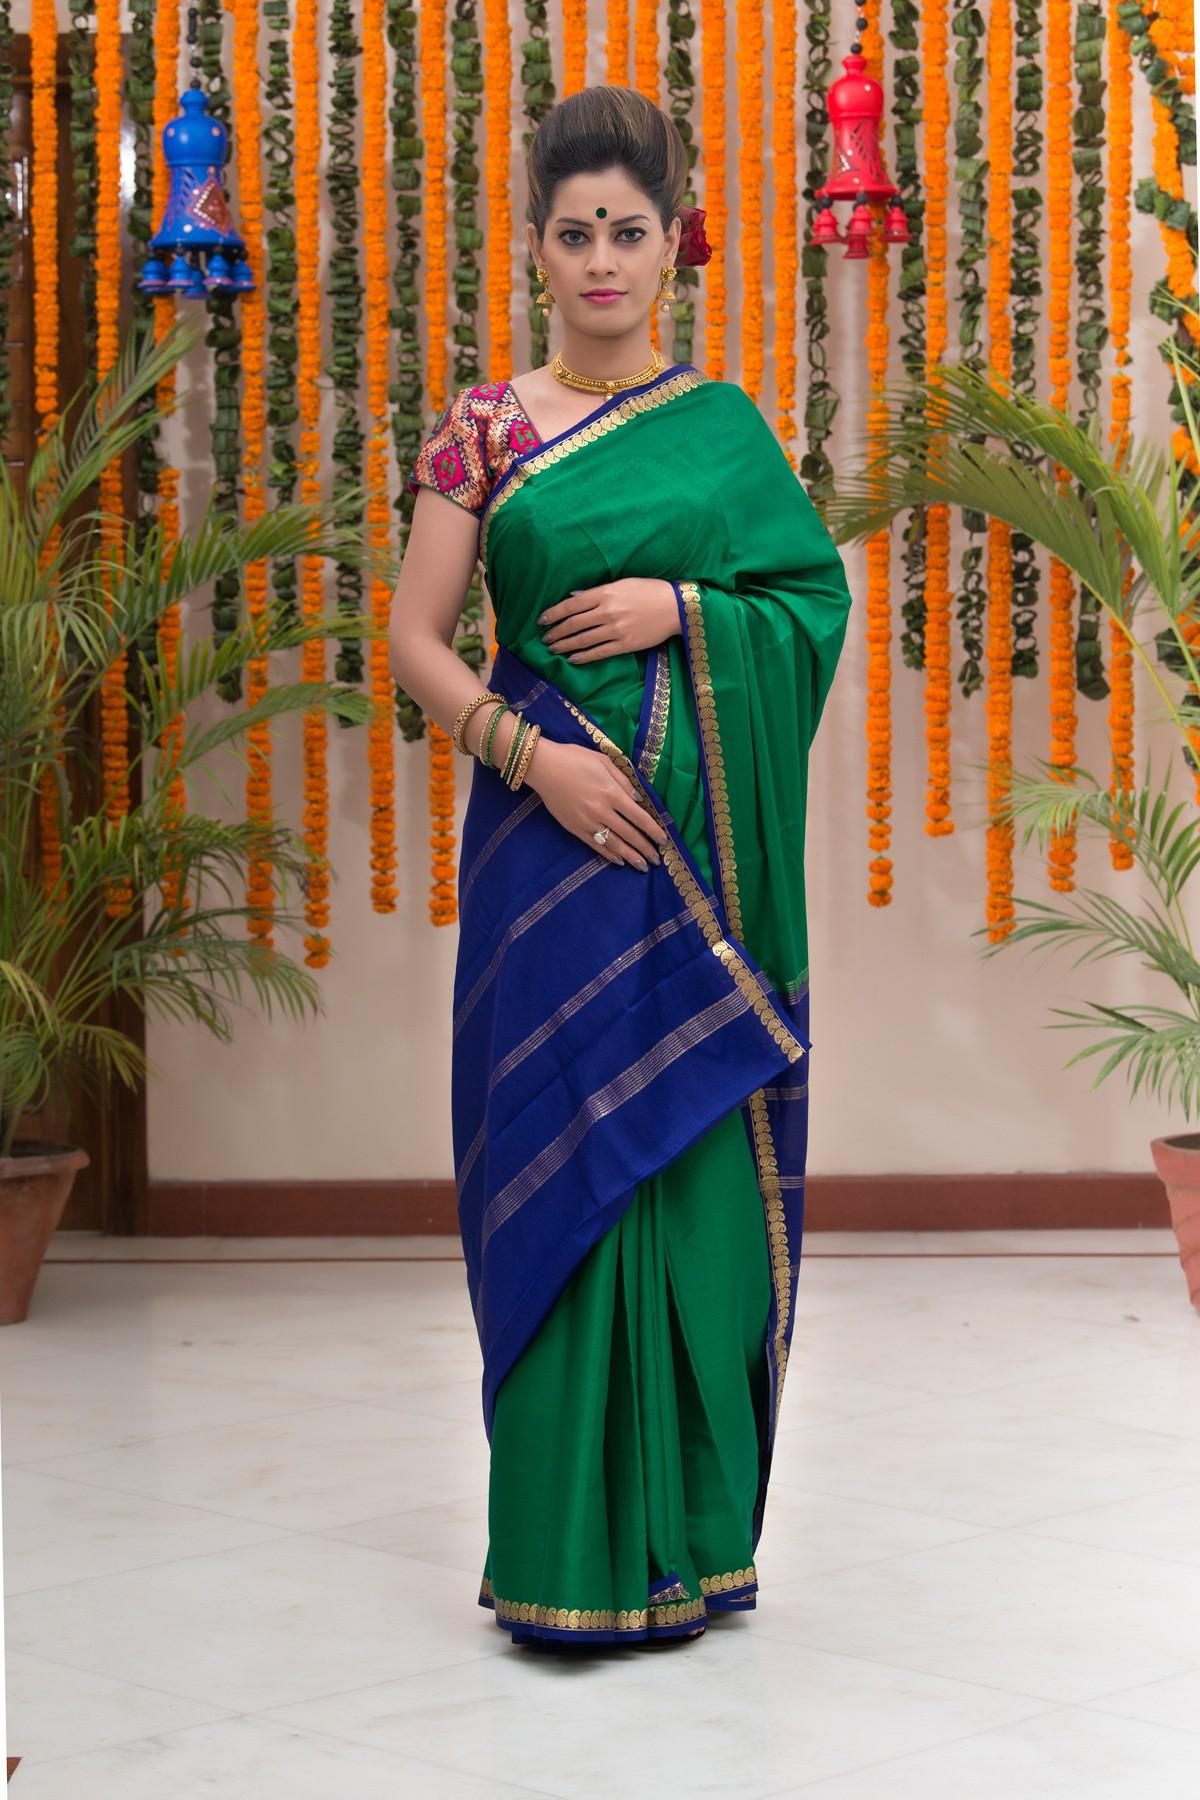 Green with Royal Blue border saree